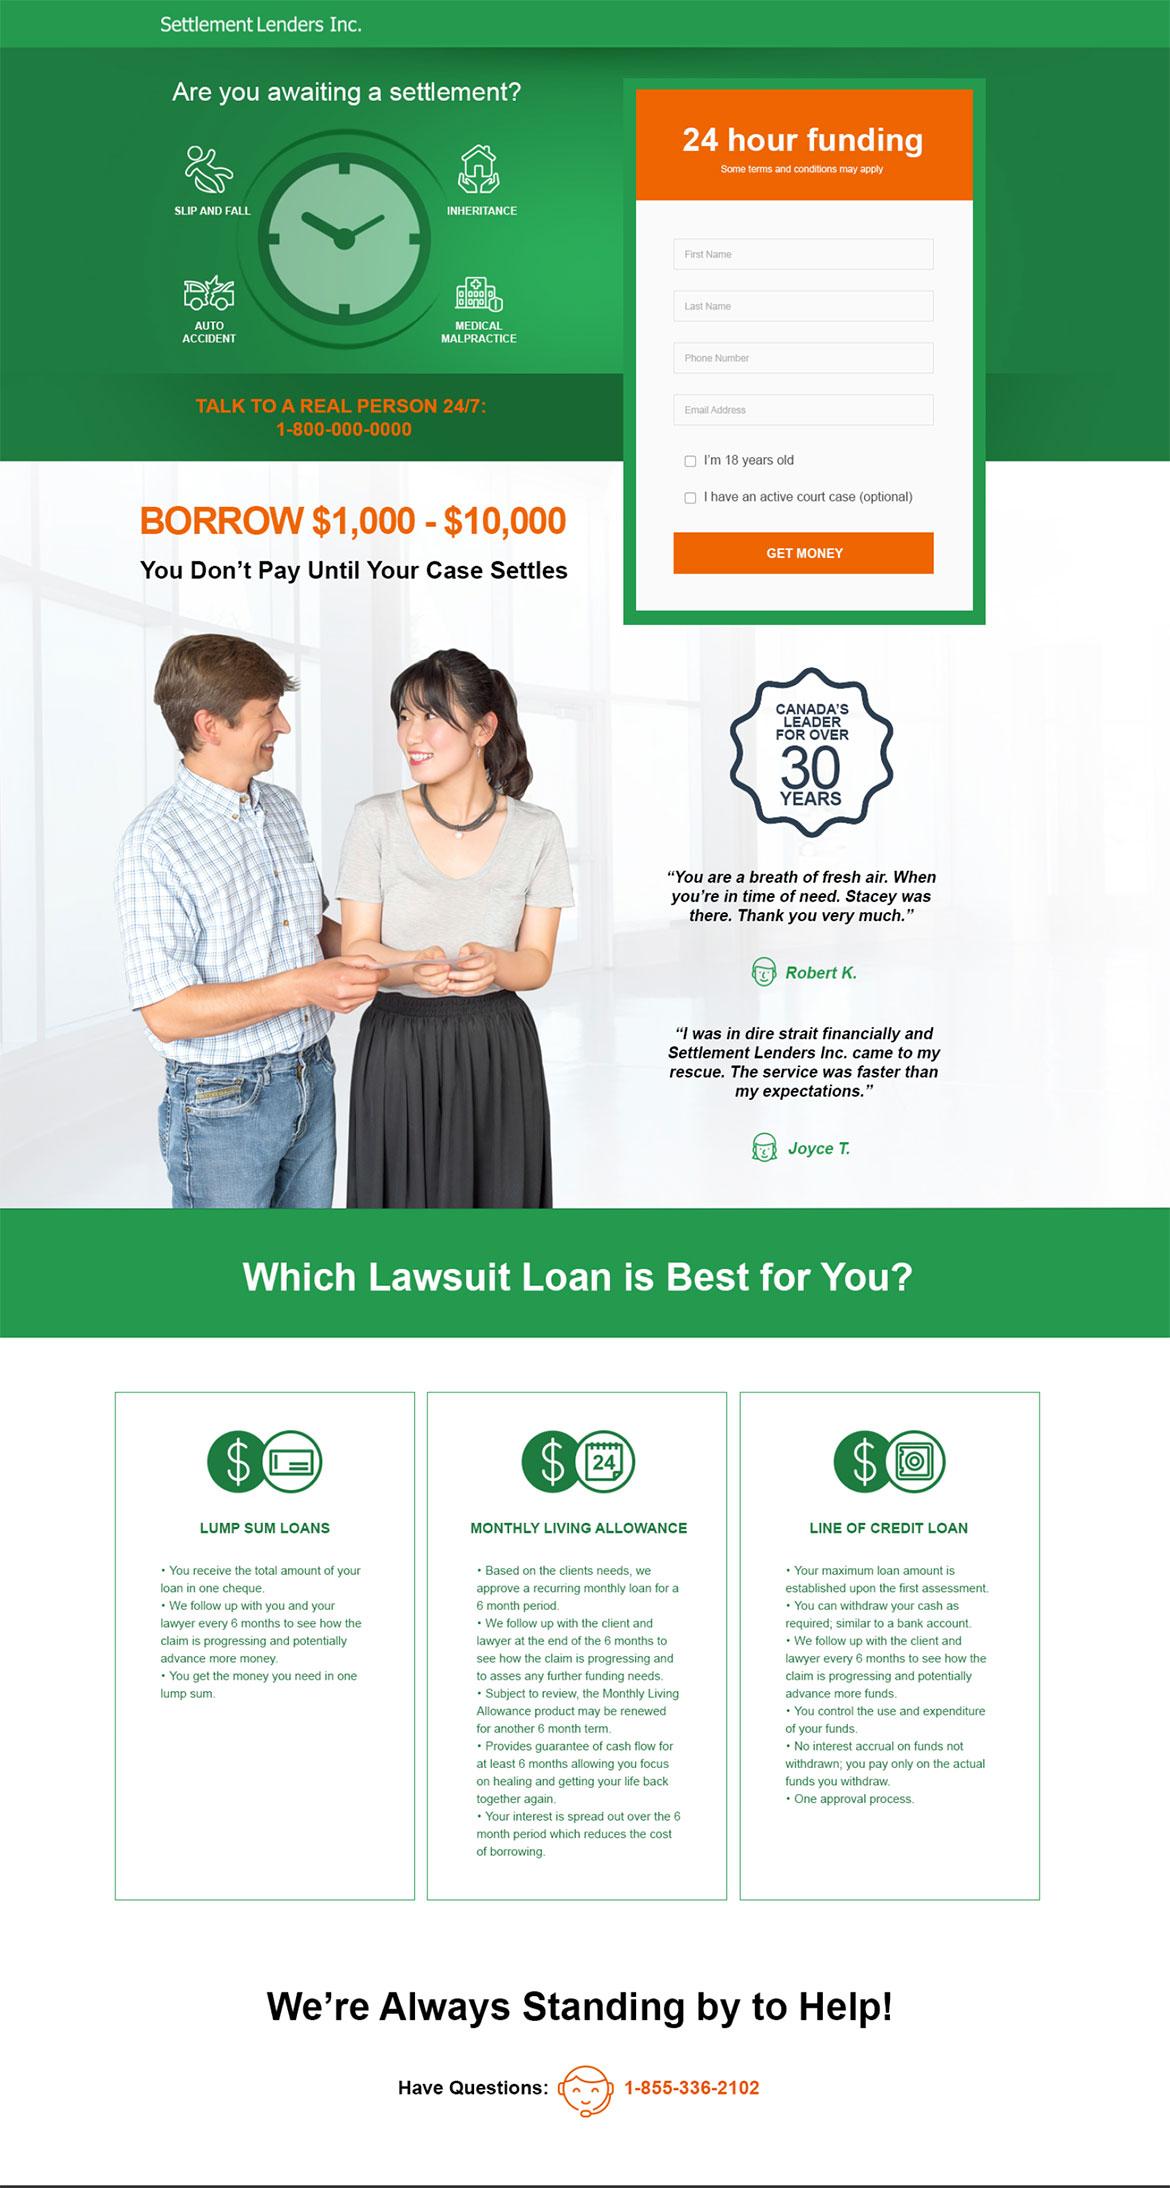 Settlement Lenders - Website design